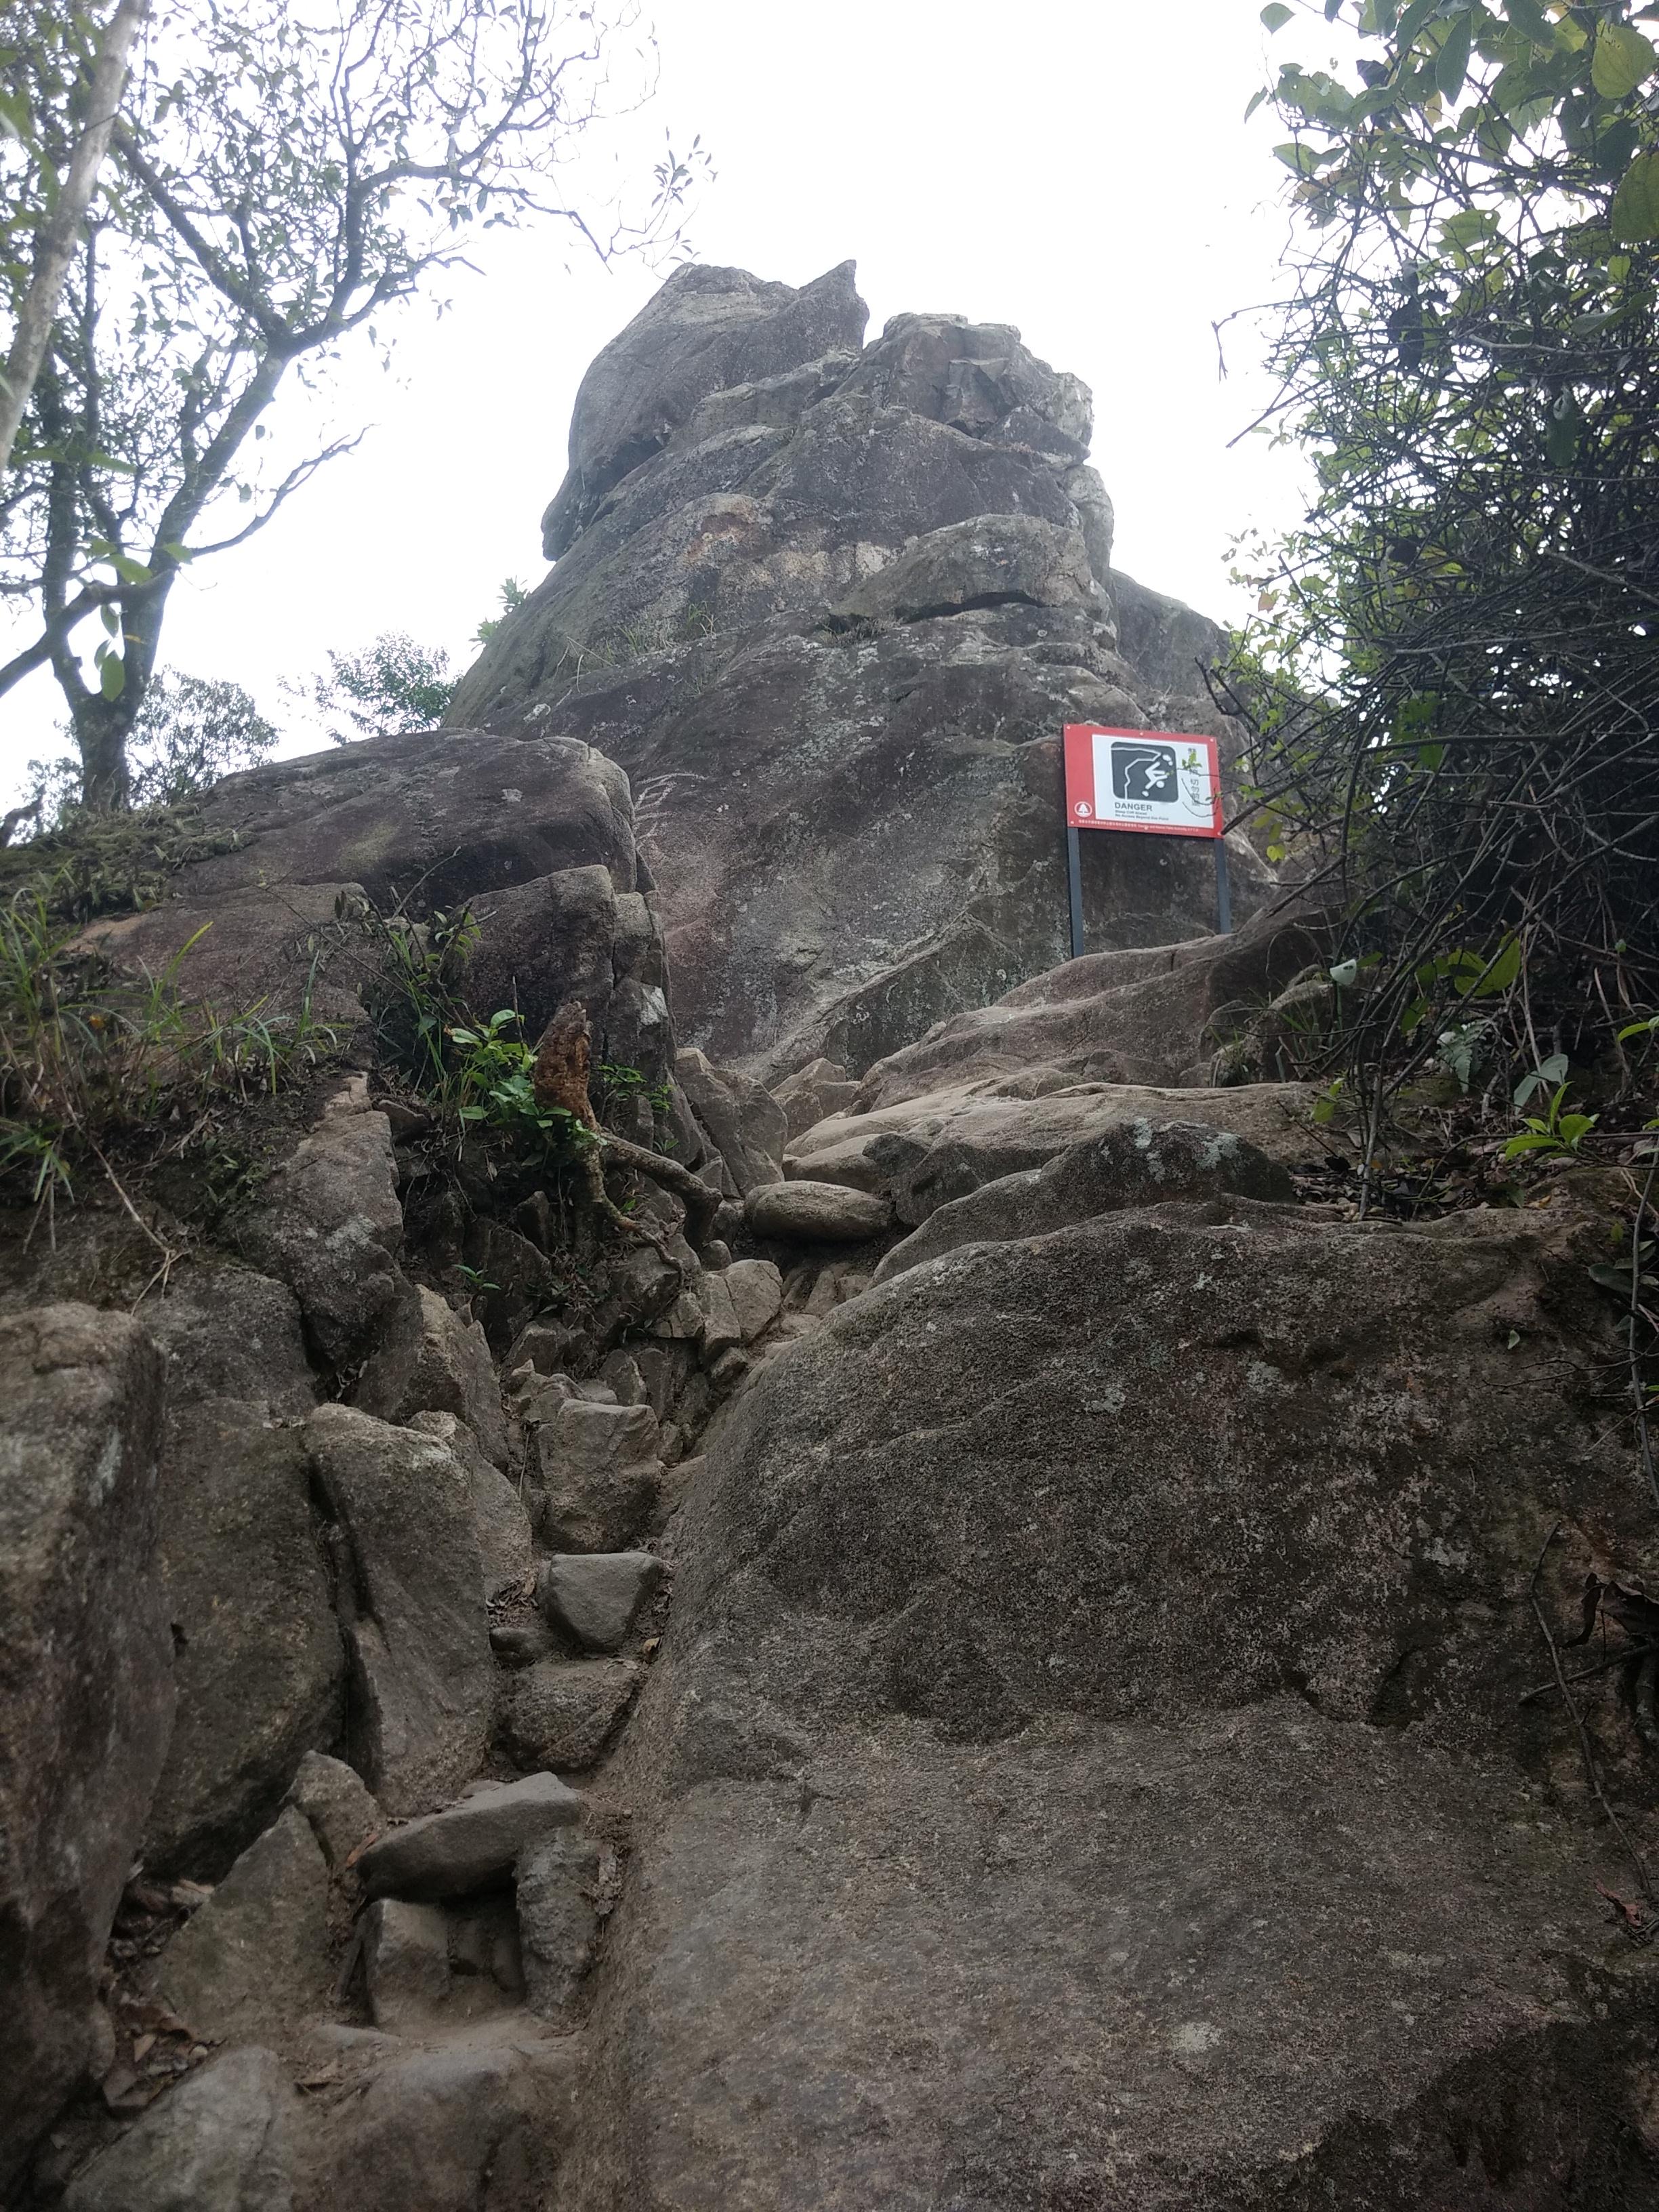 行山 – 獅子山和望夫石 Hiking – Lion Rock and Amah Rock | Random Chatter